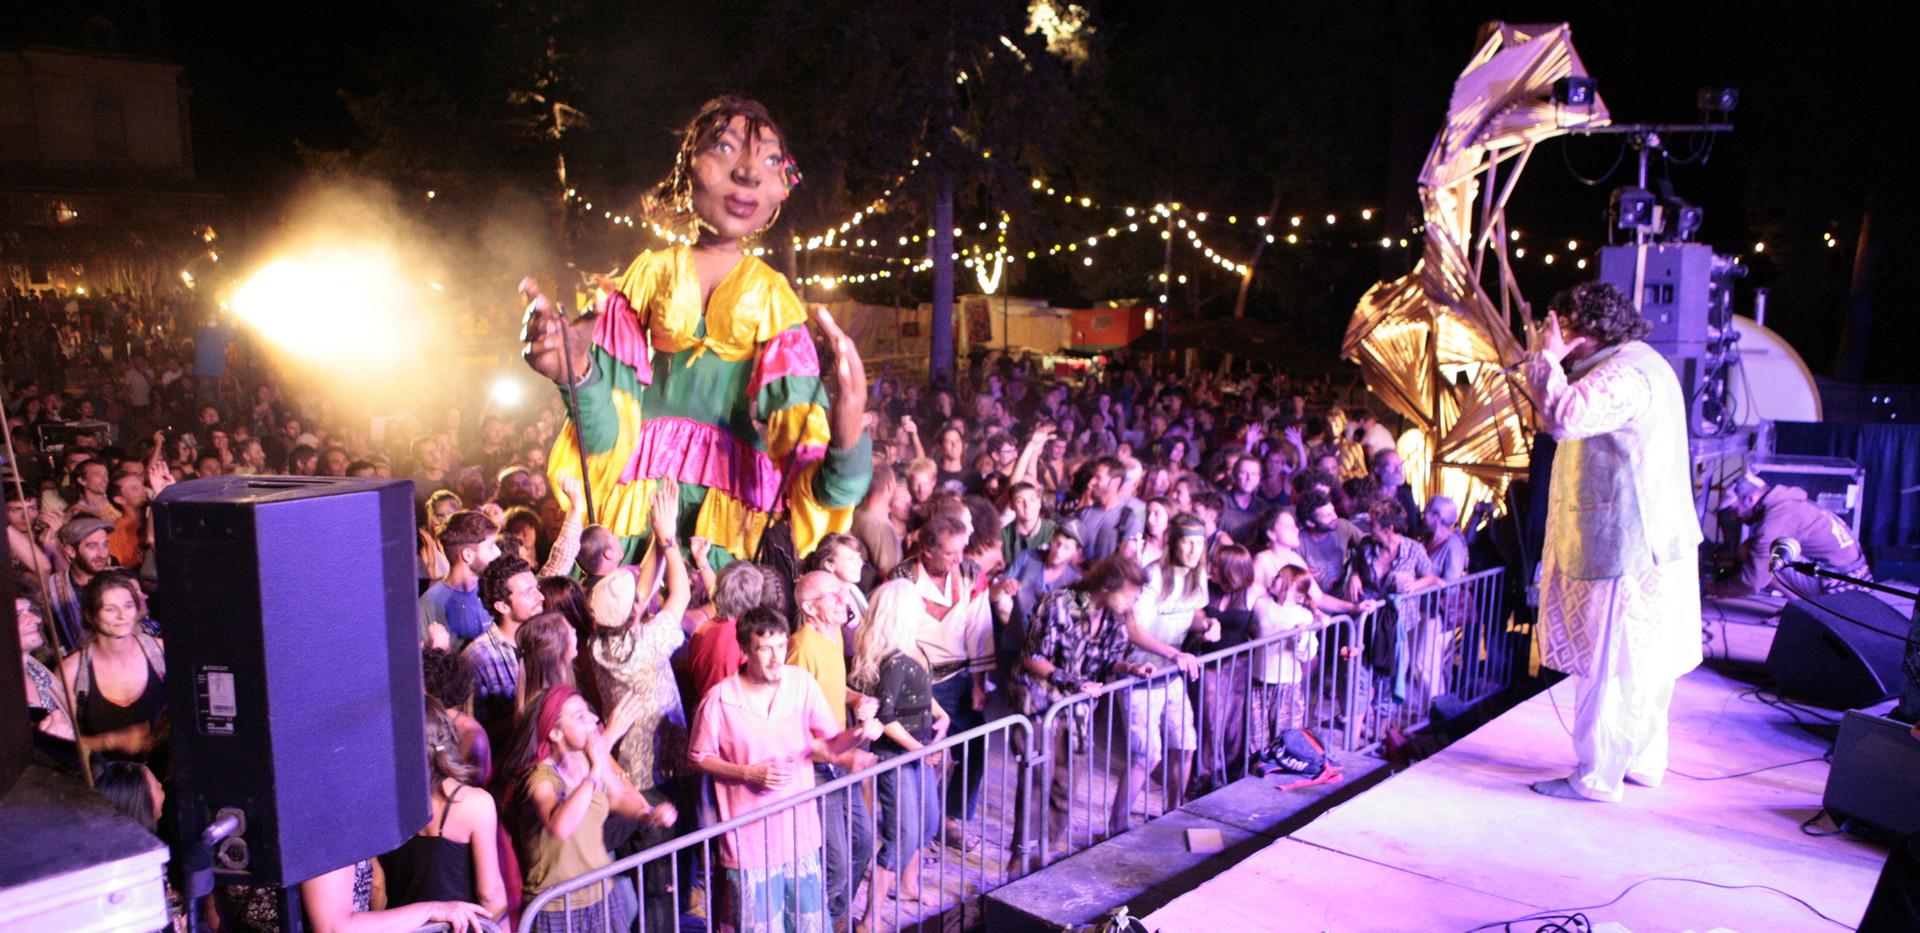 Shahzad, porté par l'énergie du festival, se lève pour faire face au public et aux marionettes géantes